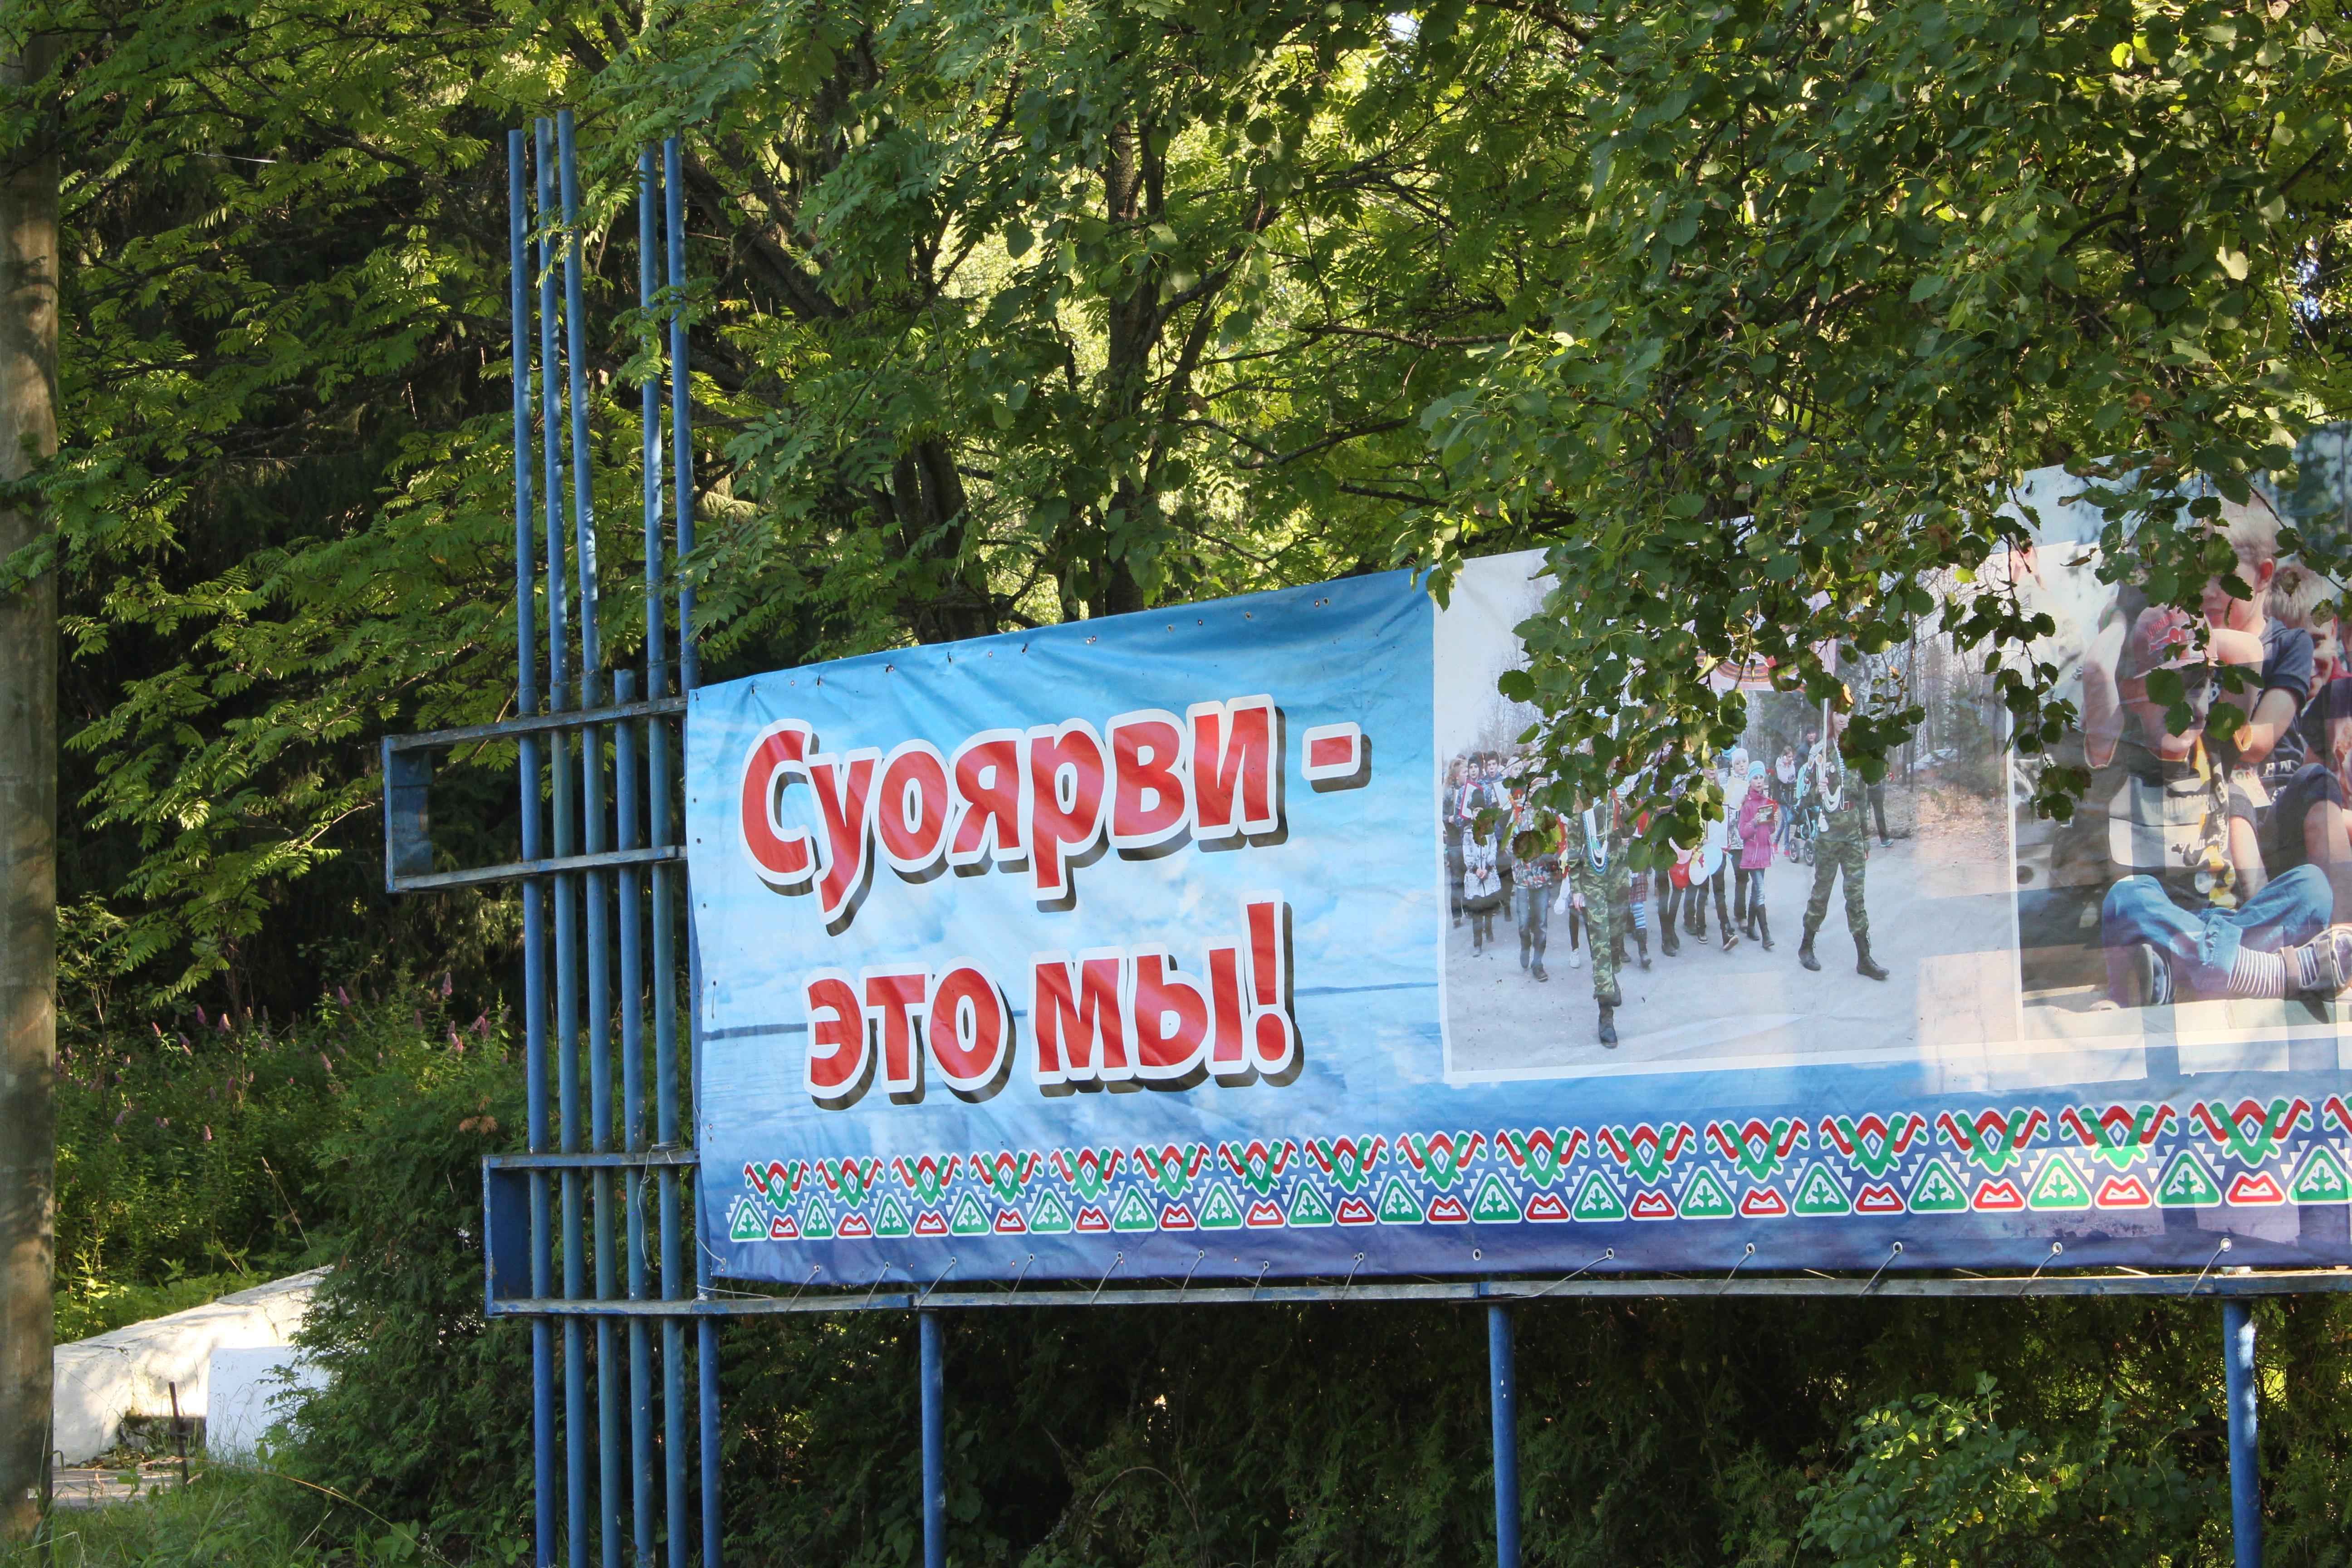 В небольшом городе Суоярви такое количество правонарушений среди несовершеннолетних не осталось не замеченным. Фото: Глеб Яровой